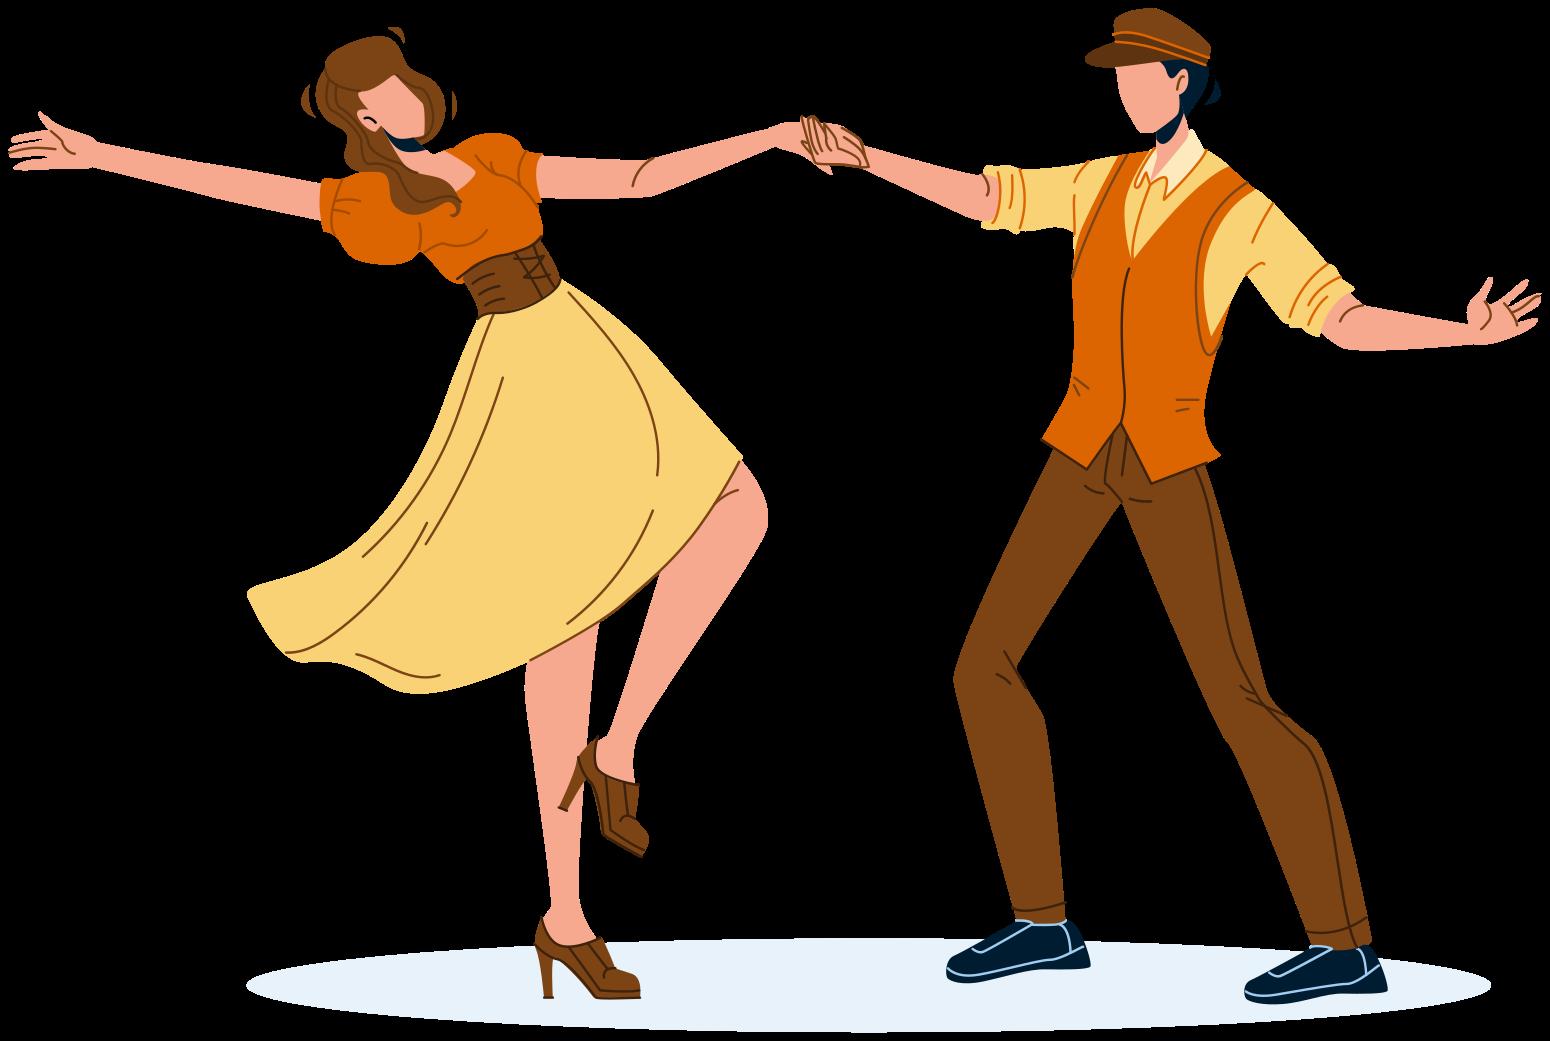 TenVinilo. Vinilo decorativo infantil pasión por el baile. Vinilo infantil de pasión de baile para niños amantes de la danza. Diseño con dos bailarines hecho de primera calidad ¡Envío a domicilio!